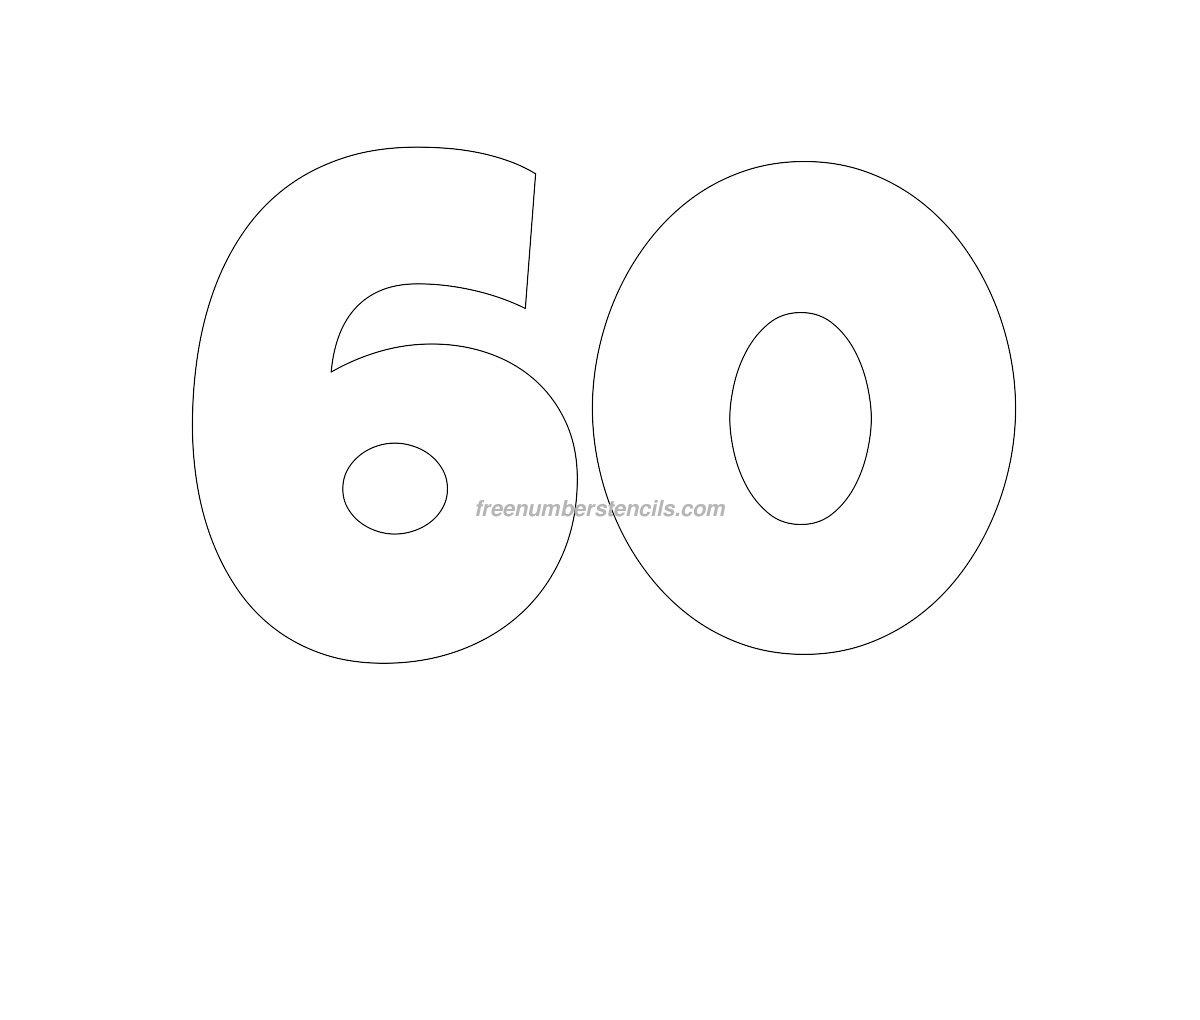 Трафареты цифр для вырезания 55